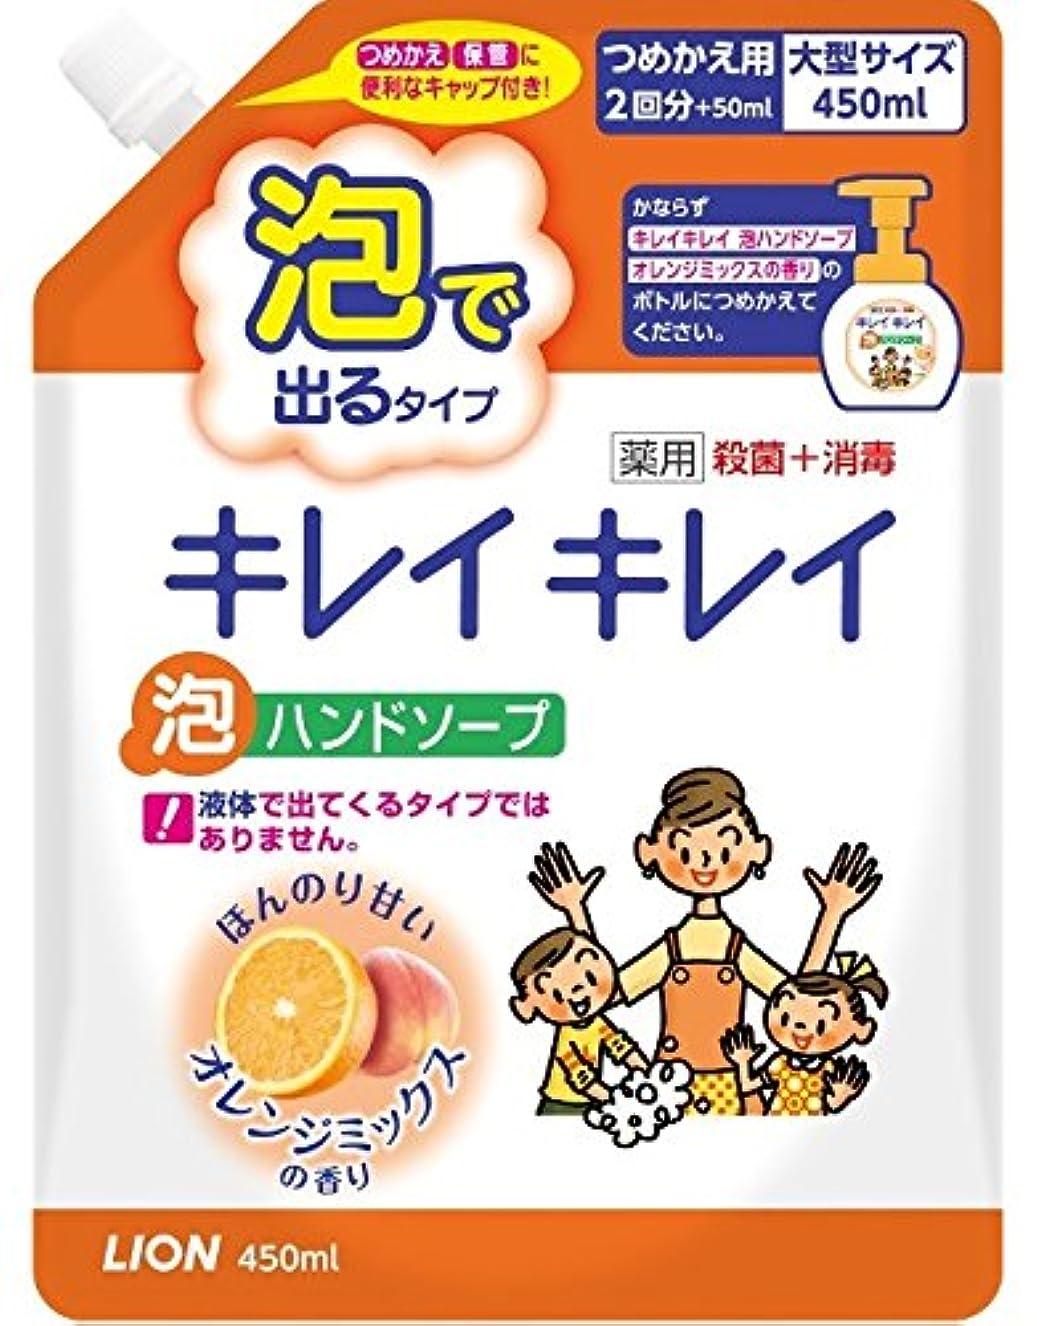 衣装推定する適応キレイキレイ薬用泡ハンドソープオレンジミックスの香りつめかえ用大型サイズ450mL